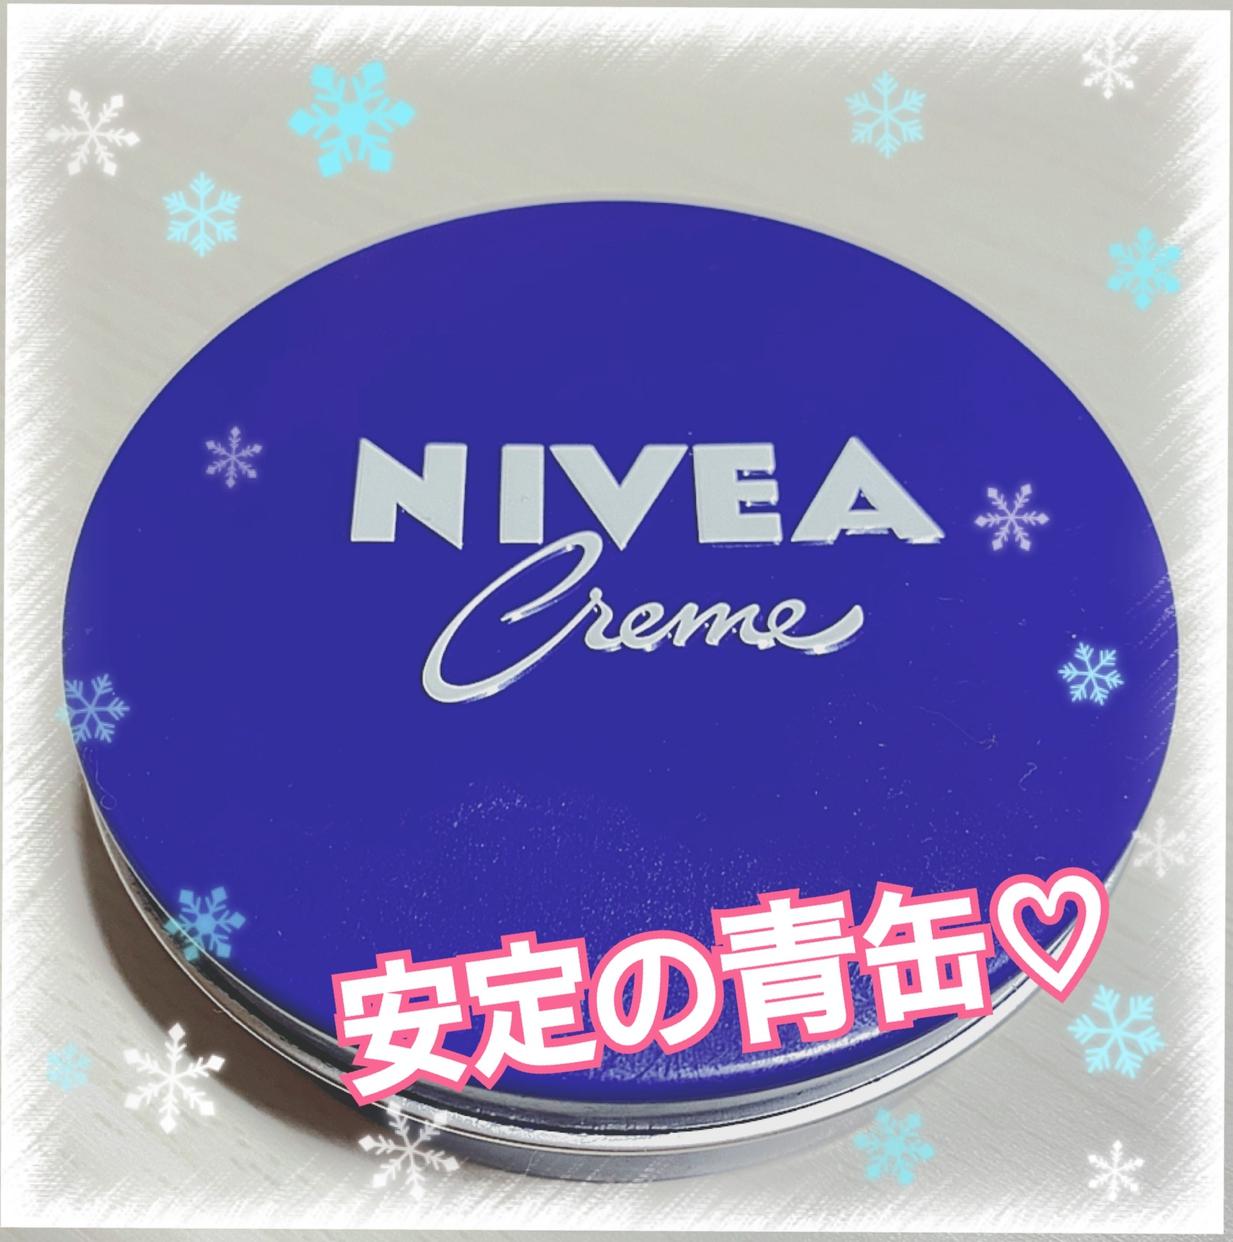 NIVEA(ニベア) クリーム(大缶)の良い点・メリットに関するNozomiさんの口コミ画像1